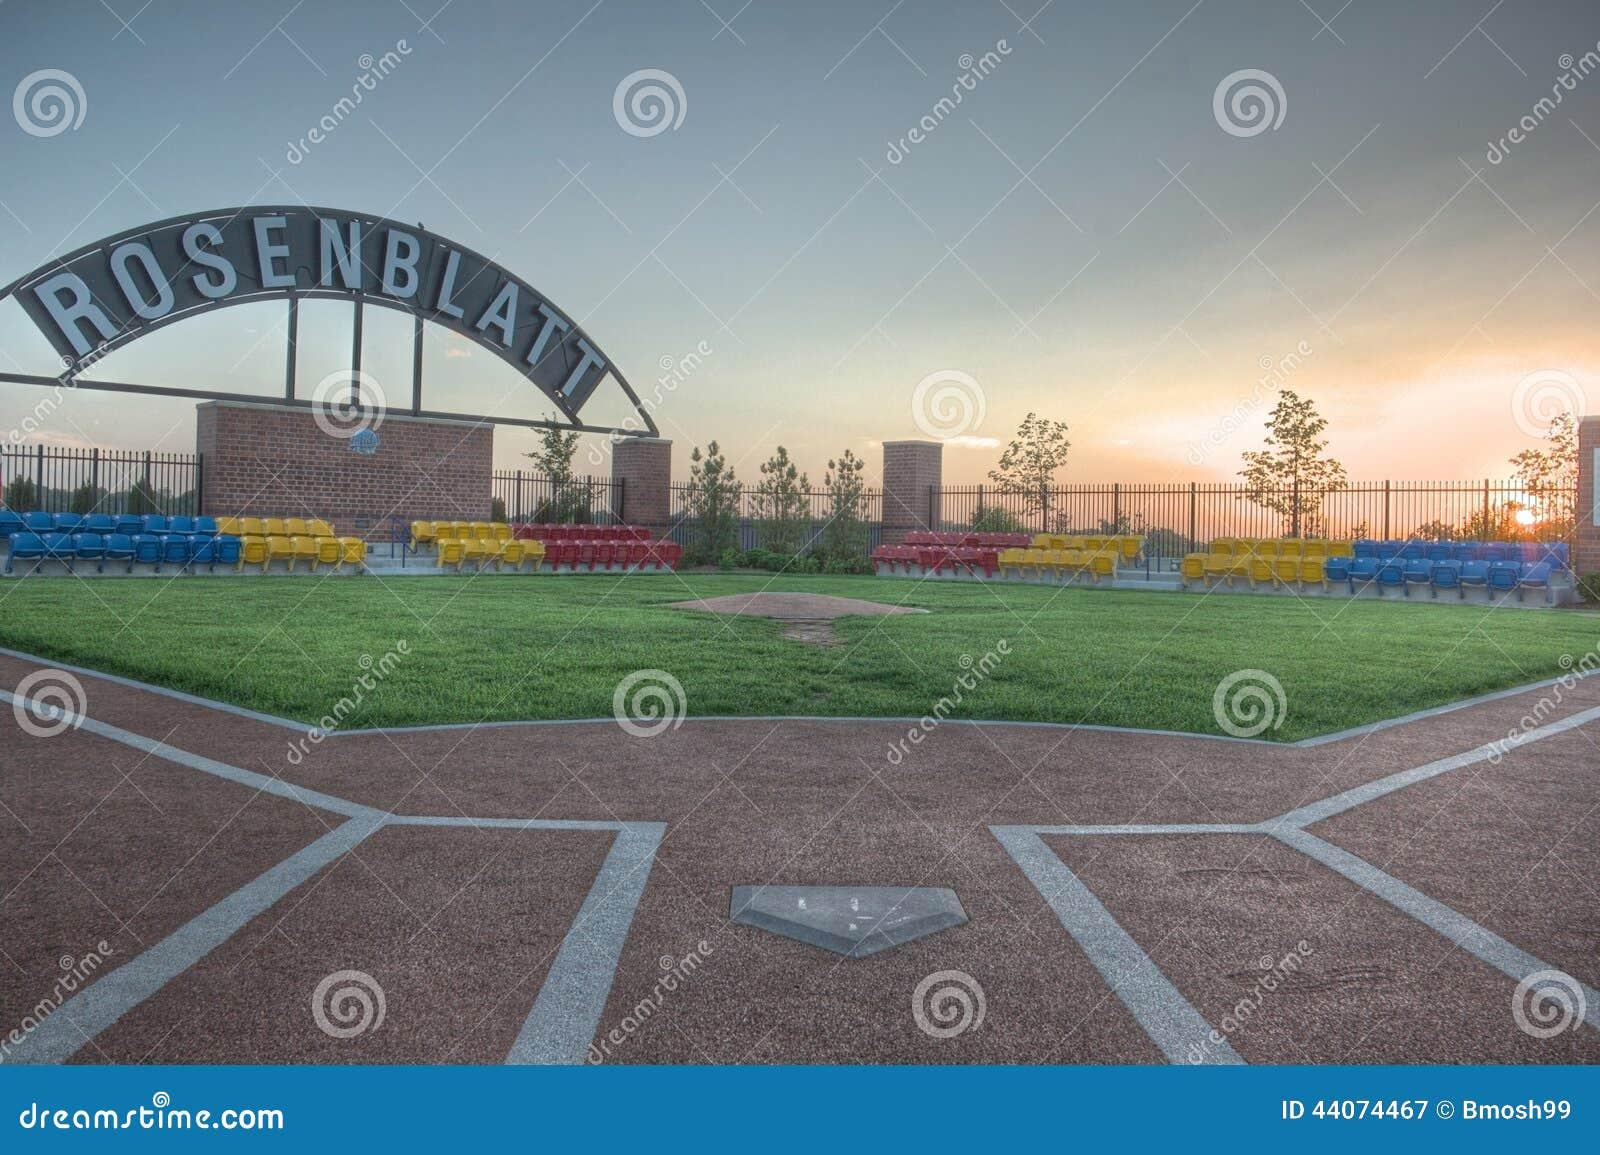 Commemorative Park For Rosenblatt Stadium In Omaha